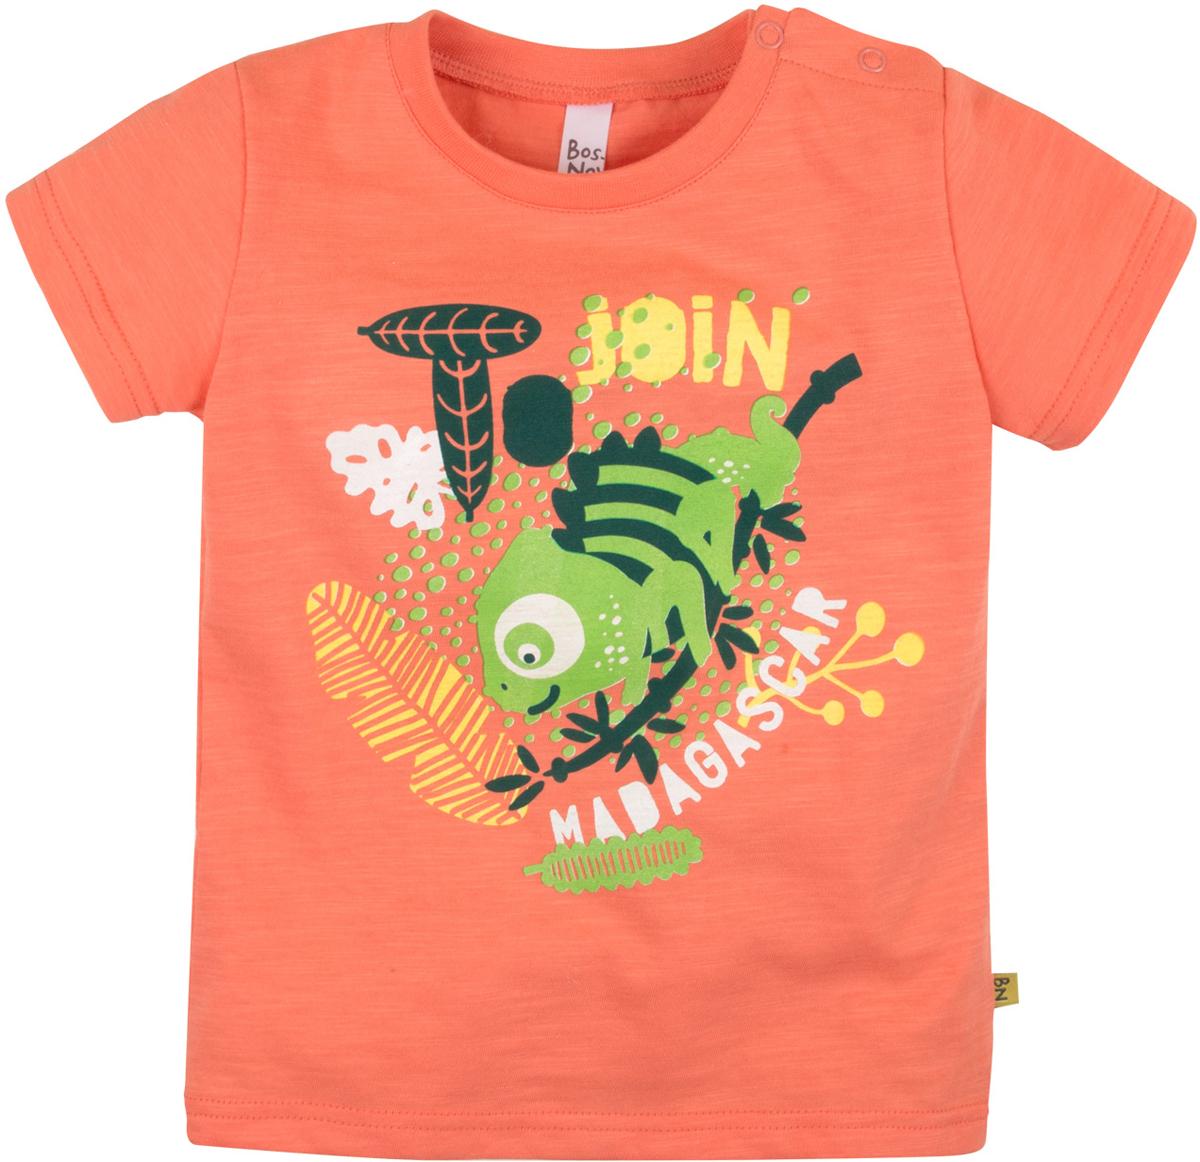 Фото - Футболка Bossa Nova футболка для мальчика bossa nova цвет разноцветный 267б 171к размер 122